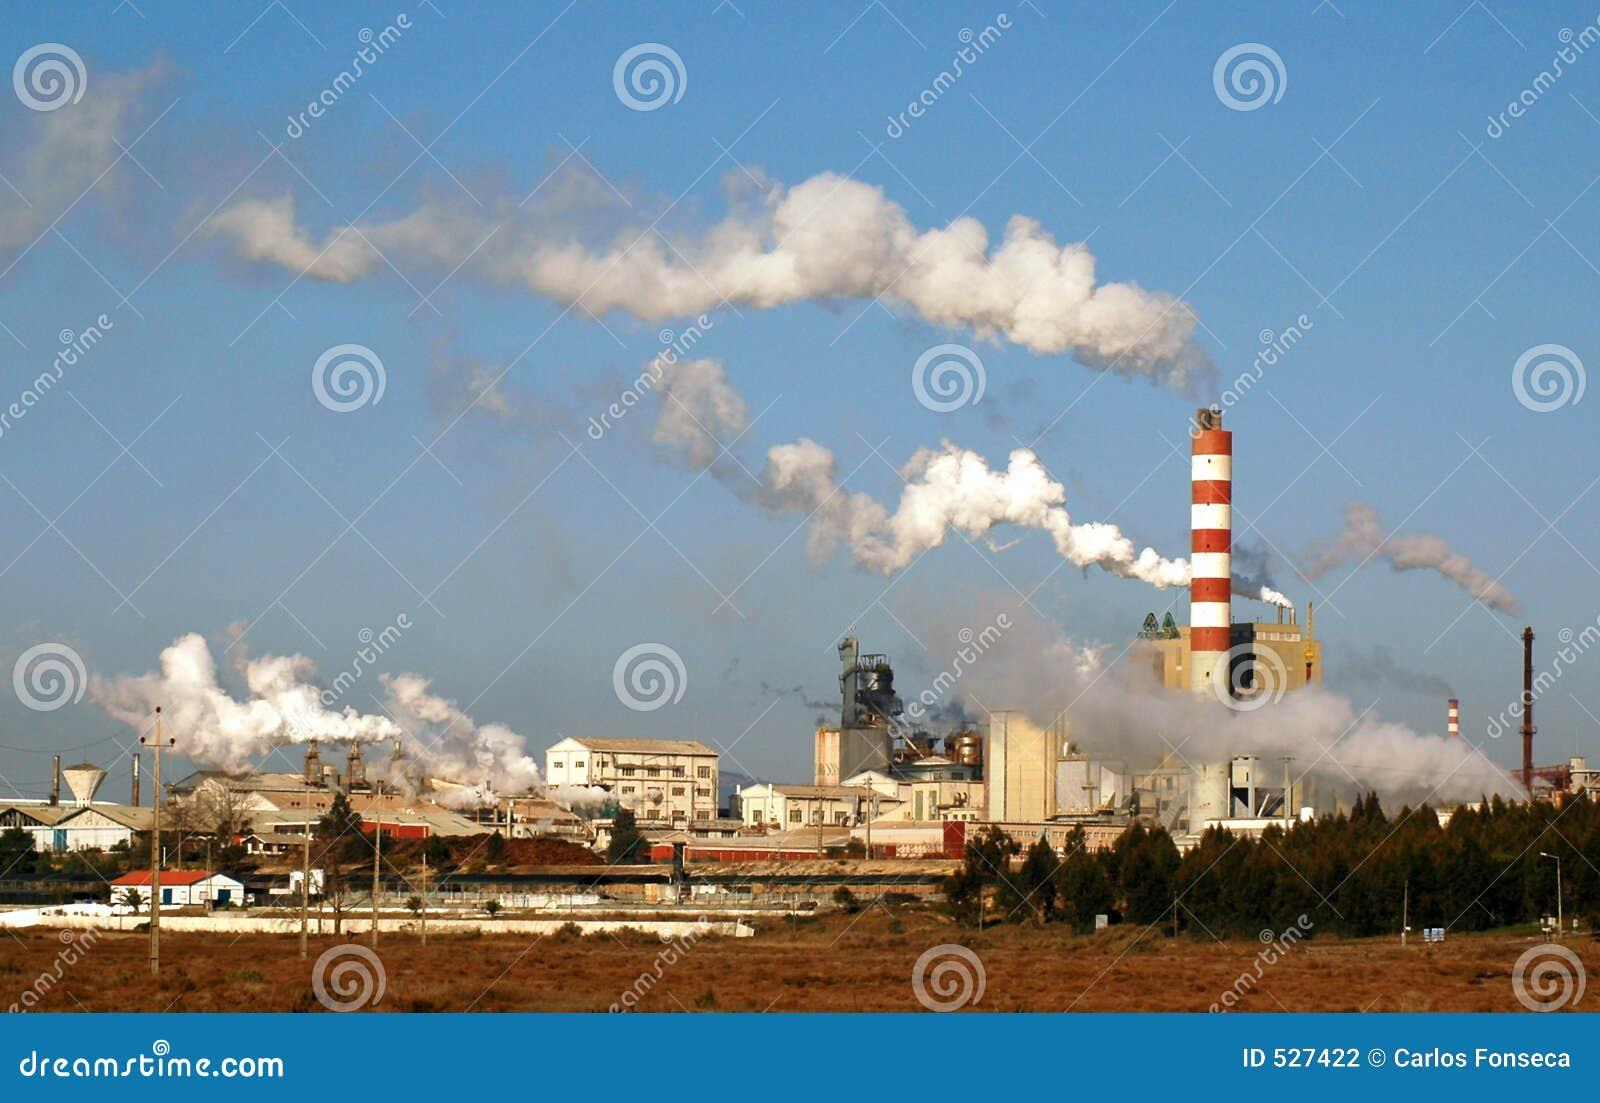 Download 工厂设备 库存照片. 图片 包括有 节省额, 行业, 生态, 工厂, 浪费, 环境, 除之外, 关闭, 次幂 - 527422